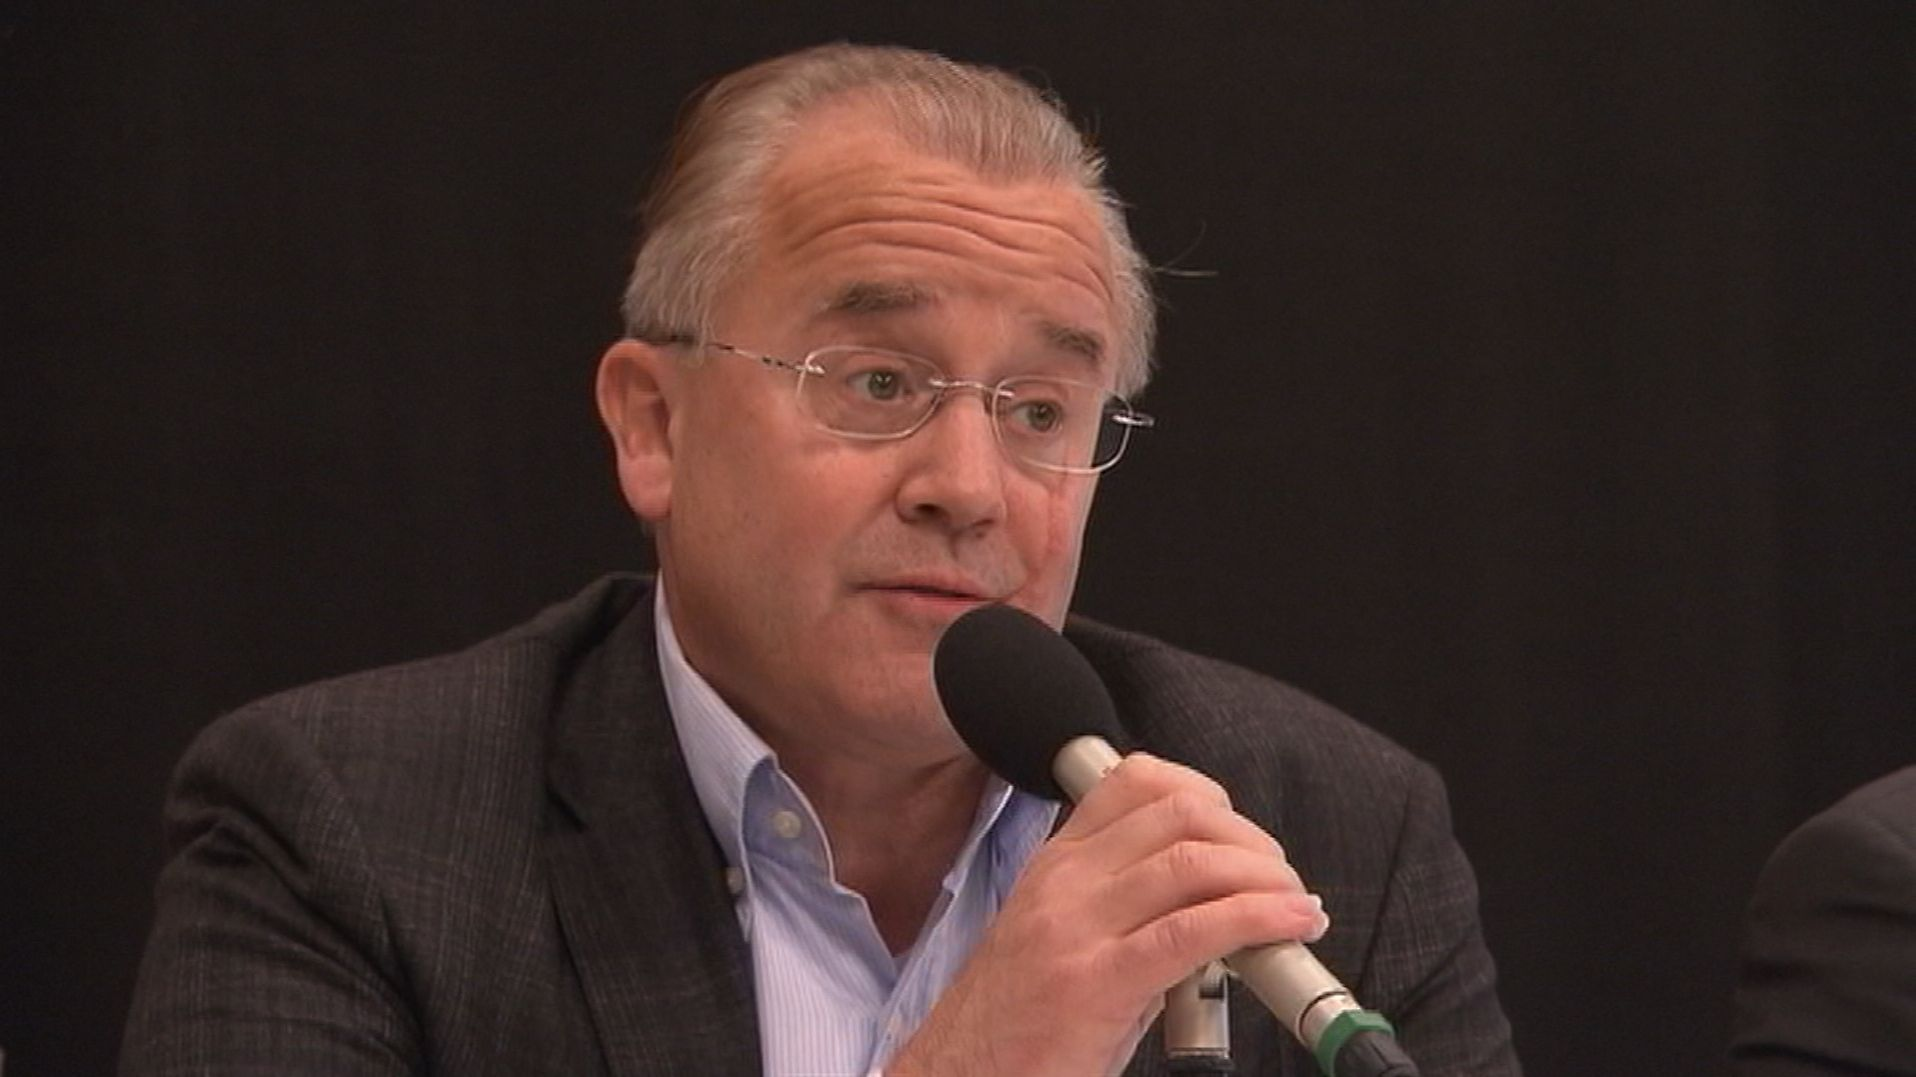 Fritz Keller soll neuer DFB-Präsident werden